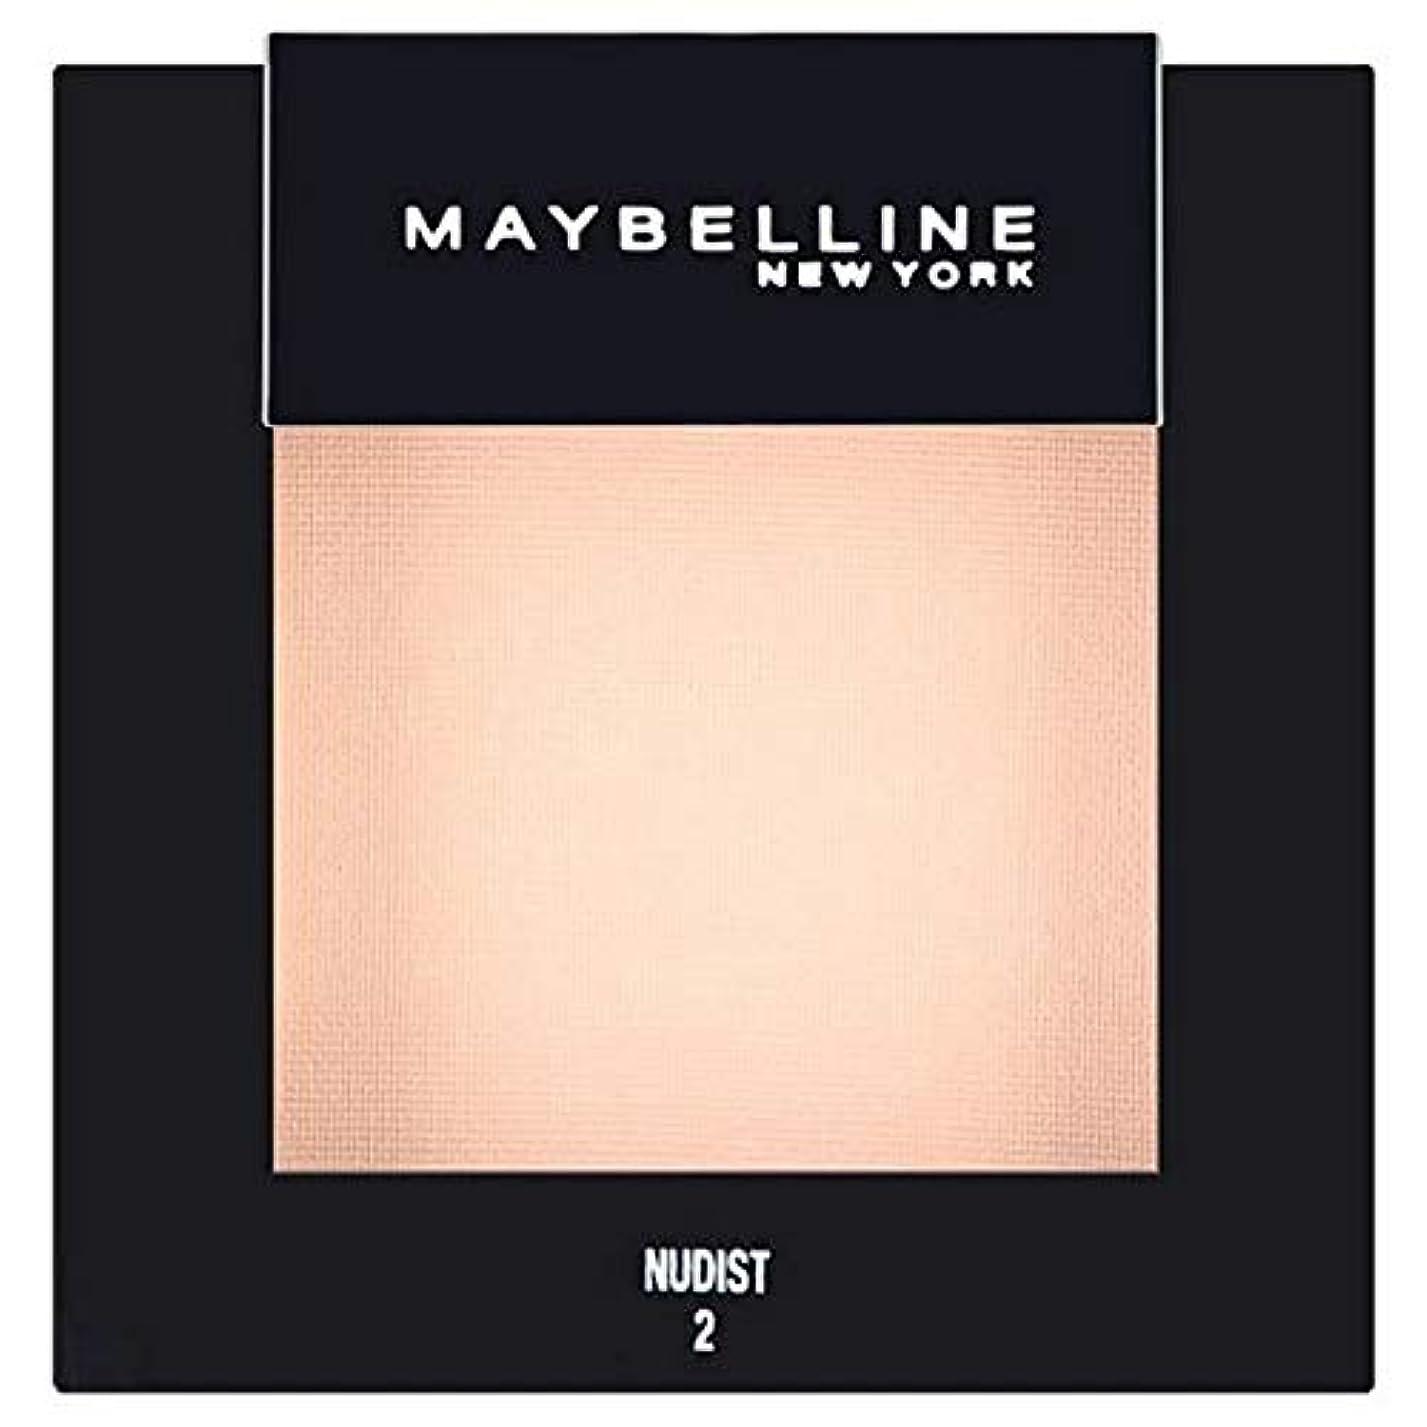 適用する付き添い人対処する[Maybelline ] メイベリンカラーショーシングルアイシャドウ02ヌーディスト - Maybelline Color Show Single Eyeshadow 02 Nudist [並行輸入品]